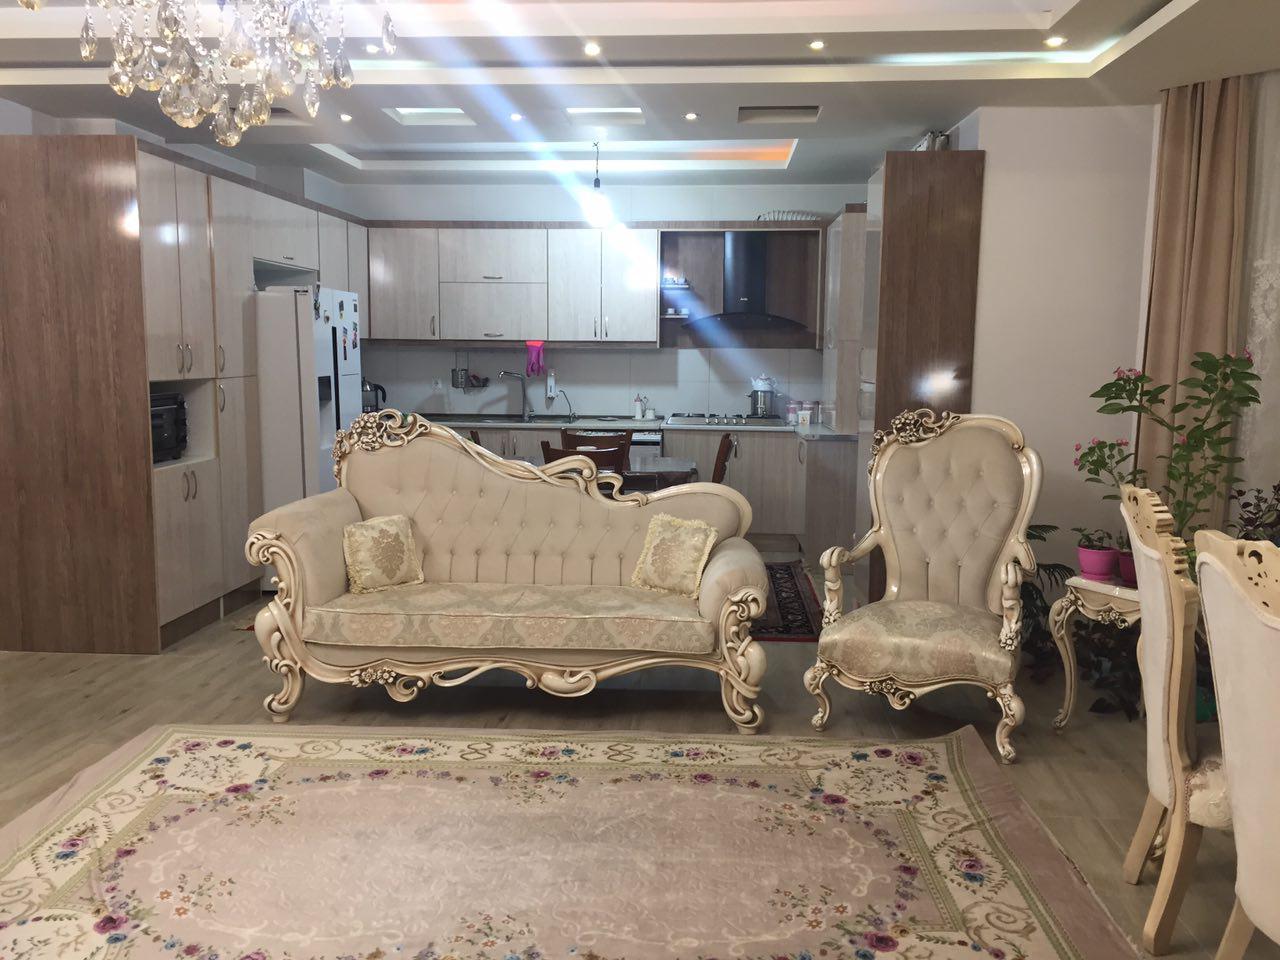 فروش طبقه 2 و 3 از آپارتمان 6 طبقه در ایستگاه سرعین